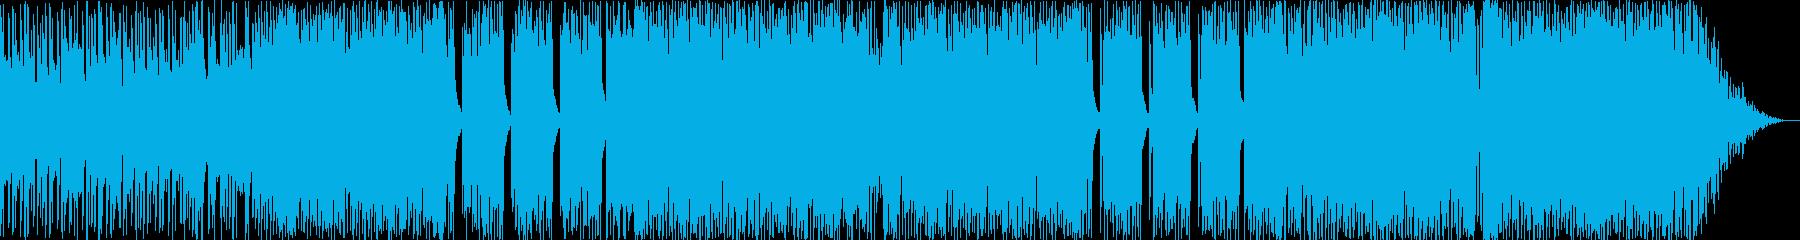 シャッフルビートPOPSの再生済みの波形